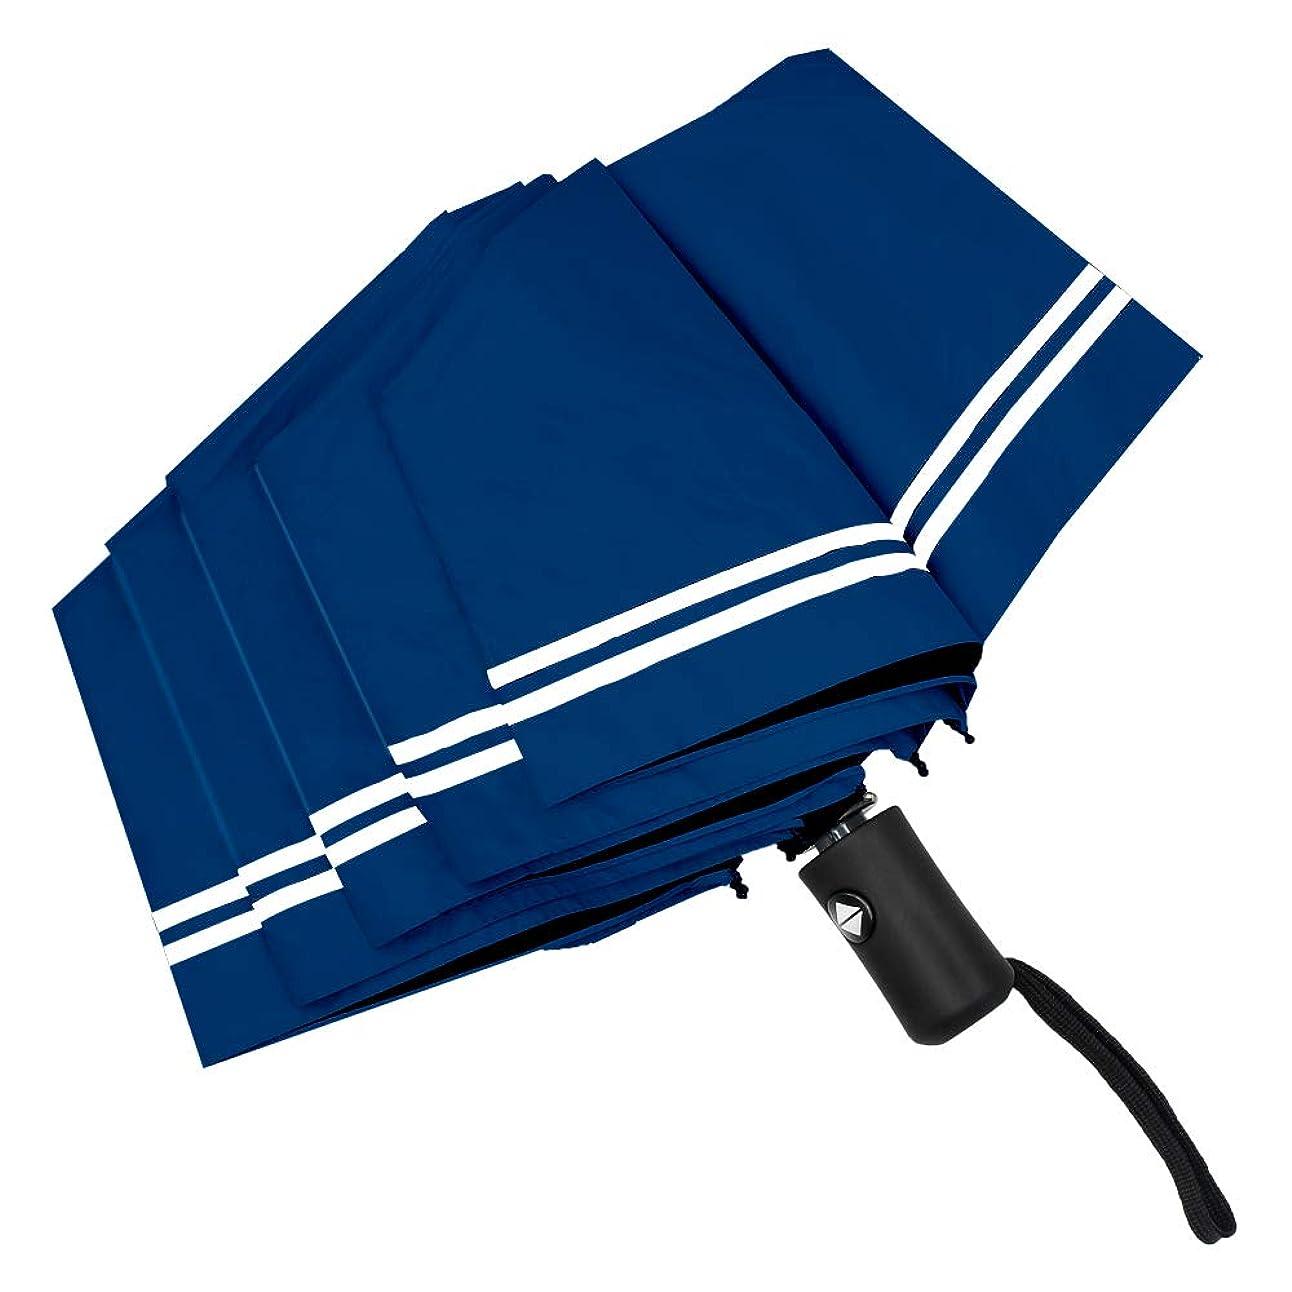 いらいらする穀物マネージャー折りたたみ傘 日傘 自動開閉 折り畳み傘 レディース傘 メンズ 男女通用 晴雨兼用 UVカット 完全遮光 紫外線遮蔽率99% 傘 高密度NC布 軽量 折り畳み日傘 ワンタッチ 8本骨 耐風撥水